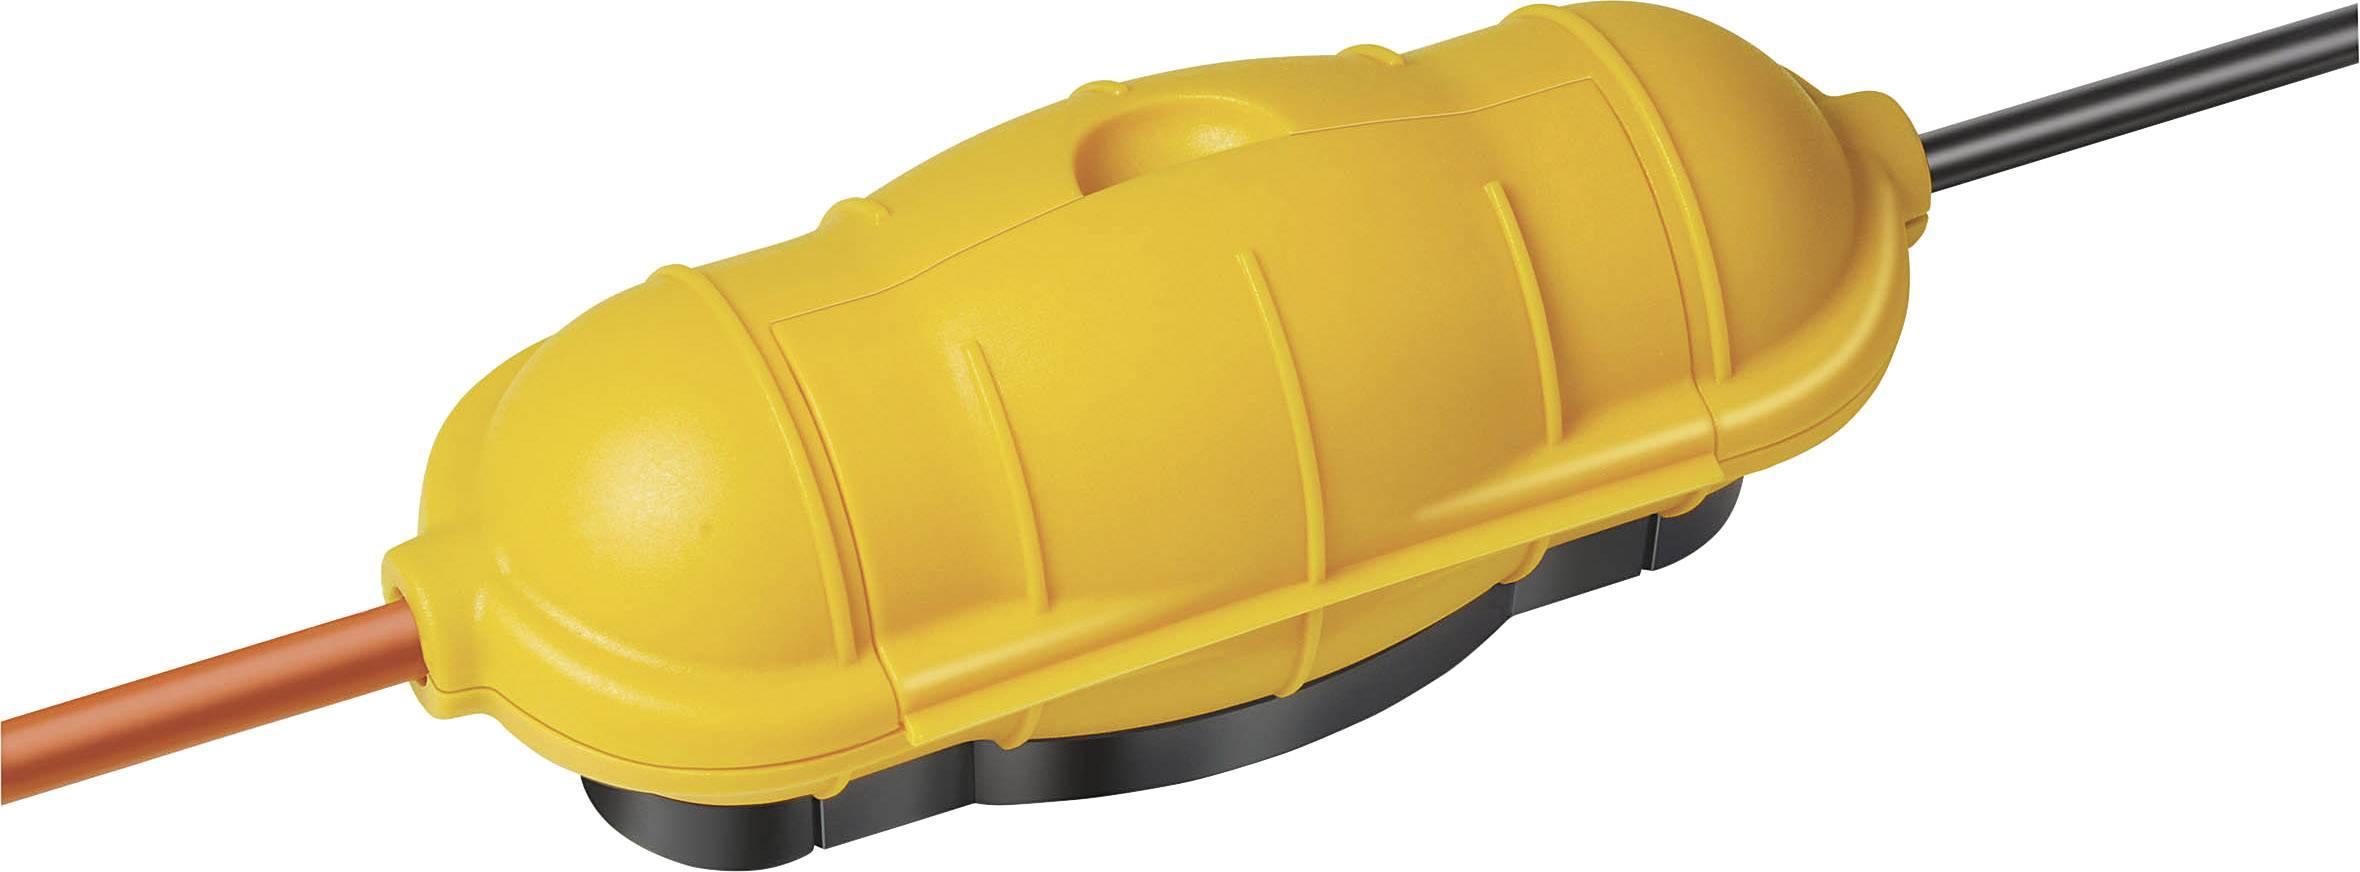 Kryt zásuvky Brennenstuhl Safe Box 1160440, žlutá